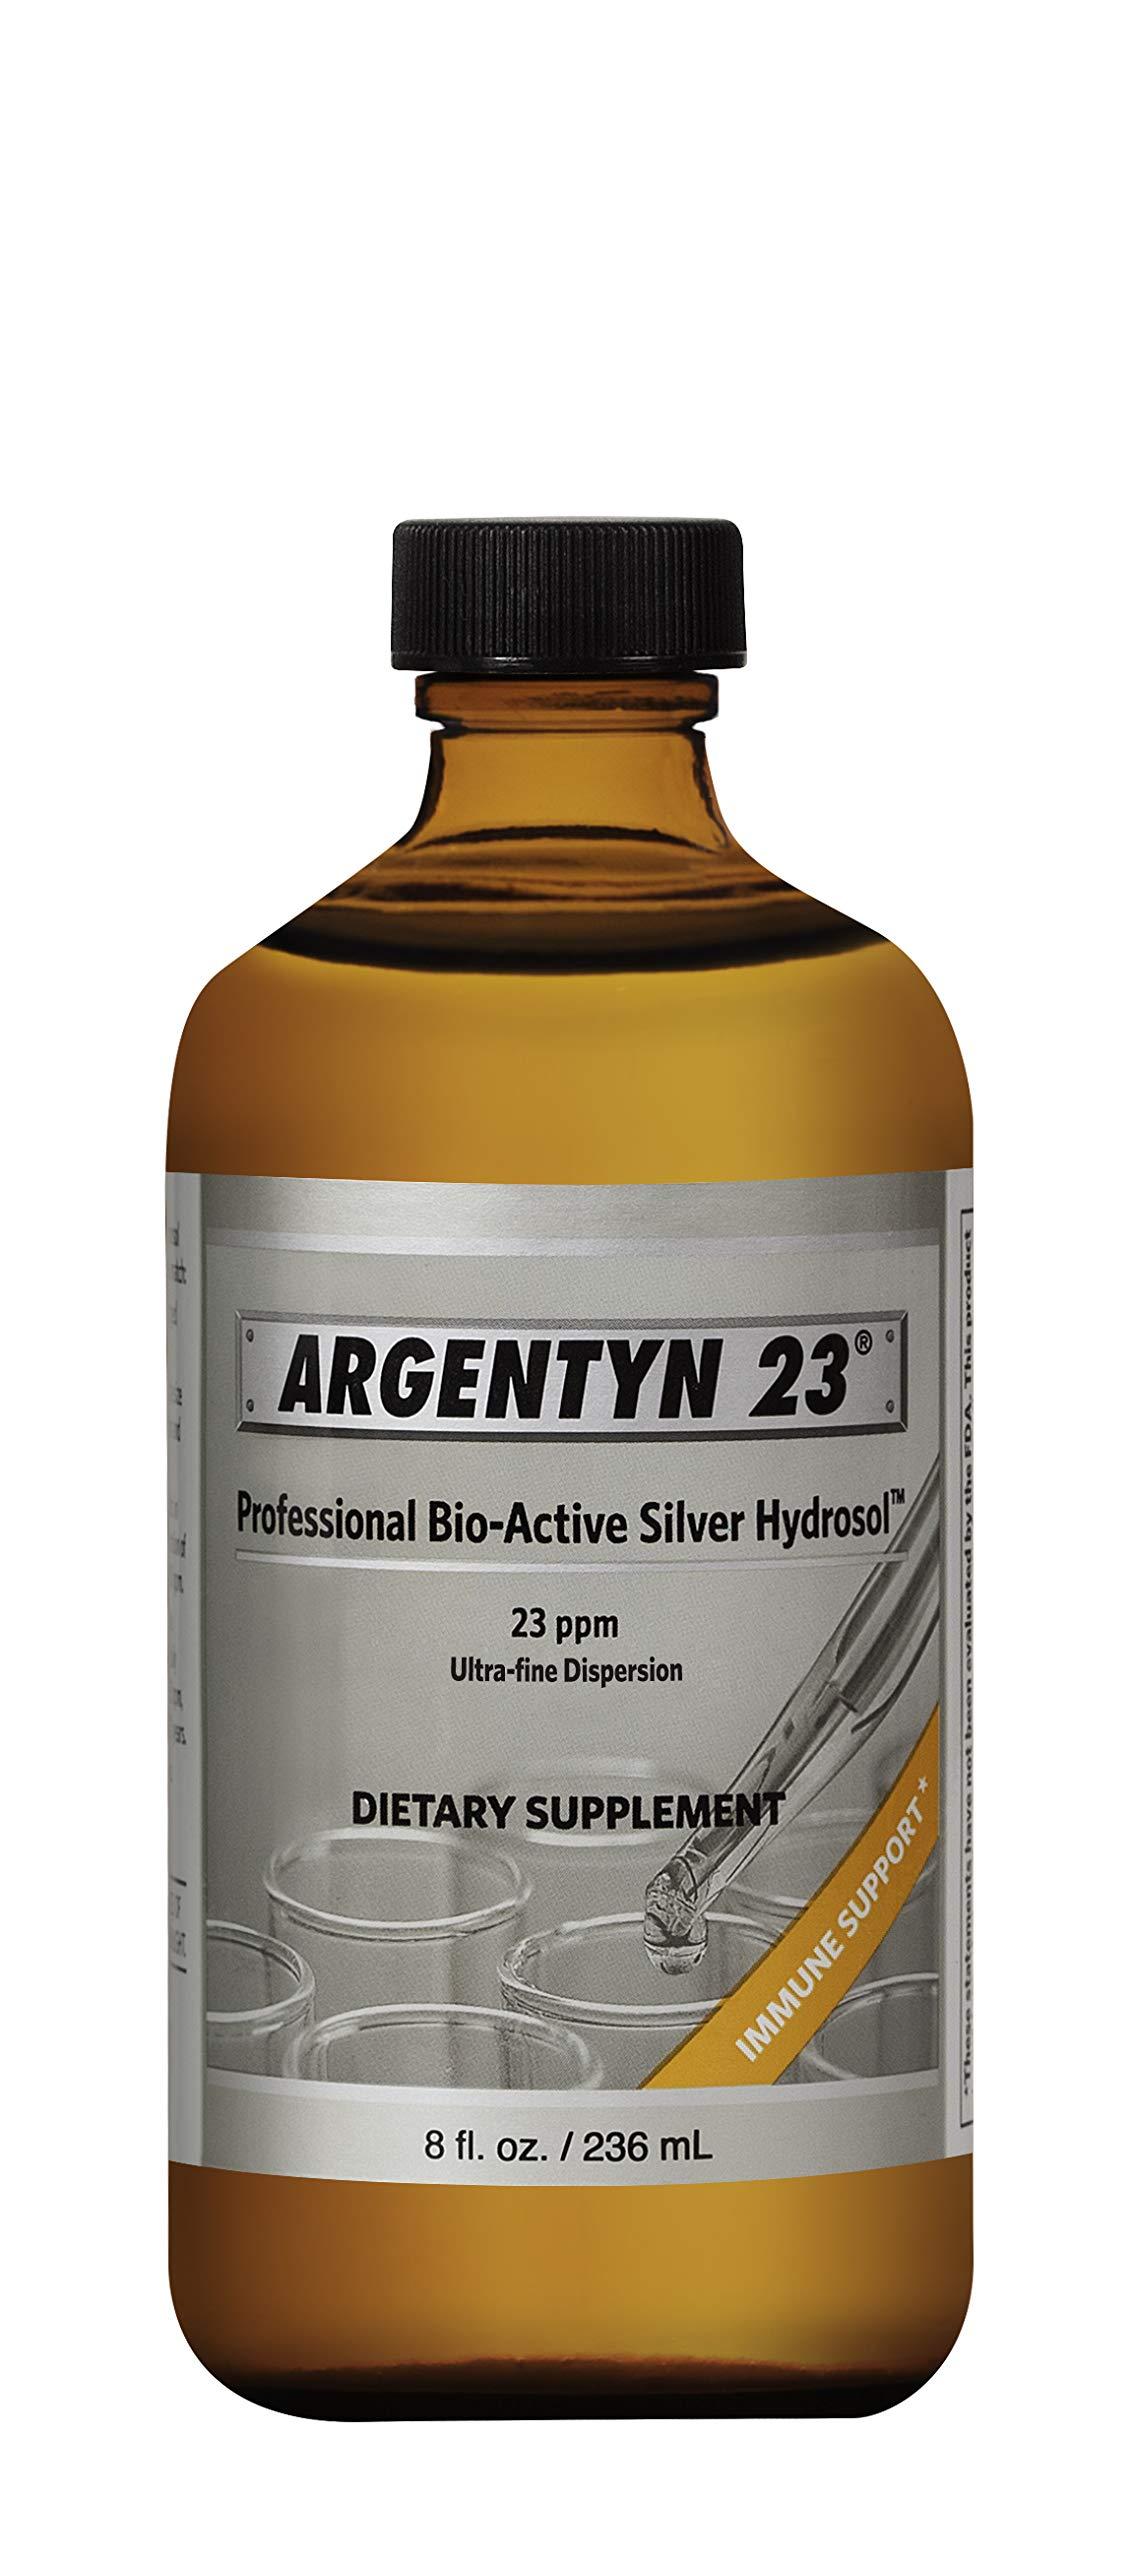 Argentyn 23® Professional Formula Bio-Active Silver Hydrosol for Immune Support* - 8 oz. (236 mL) Twist Top Bottle - Col by Argentyn 23